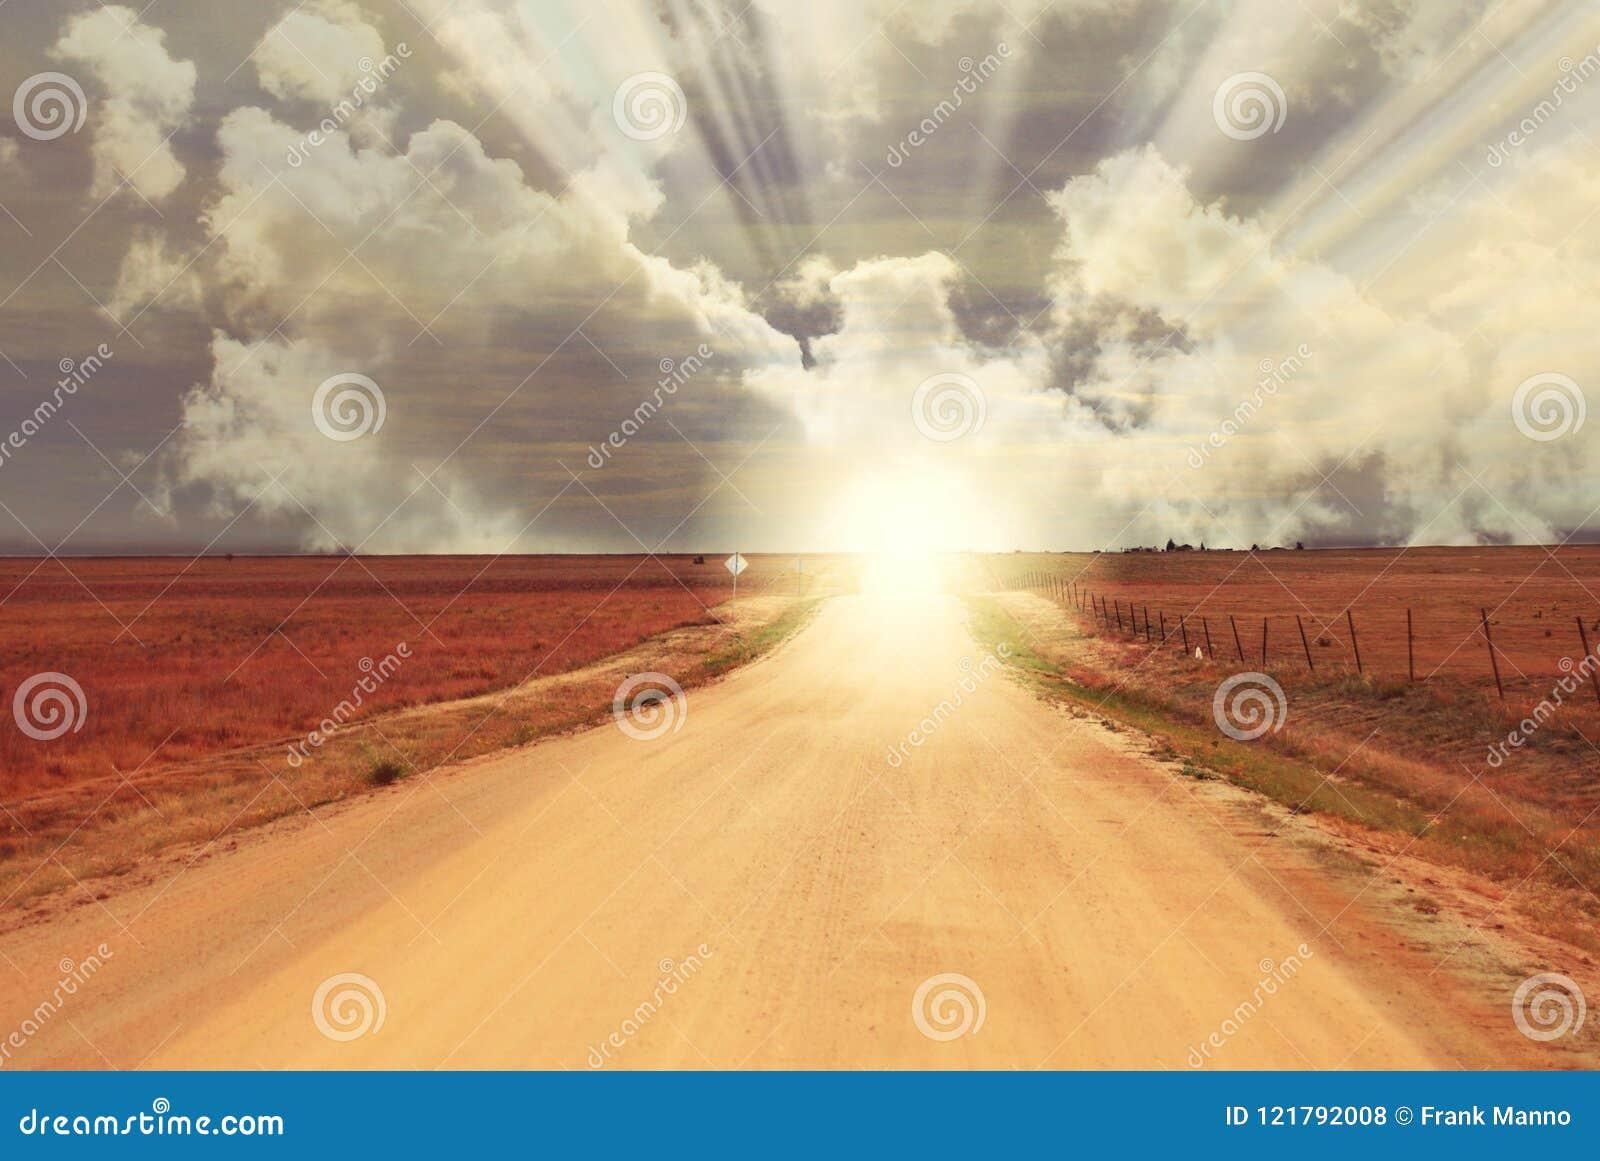 De Zonsondergang van de fantasiezonsopgang aan het eind van Landweg - Horizon